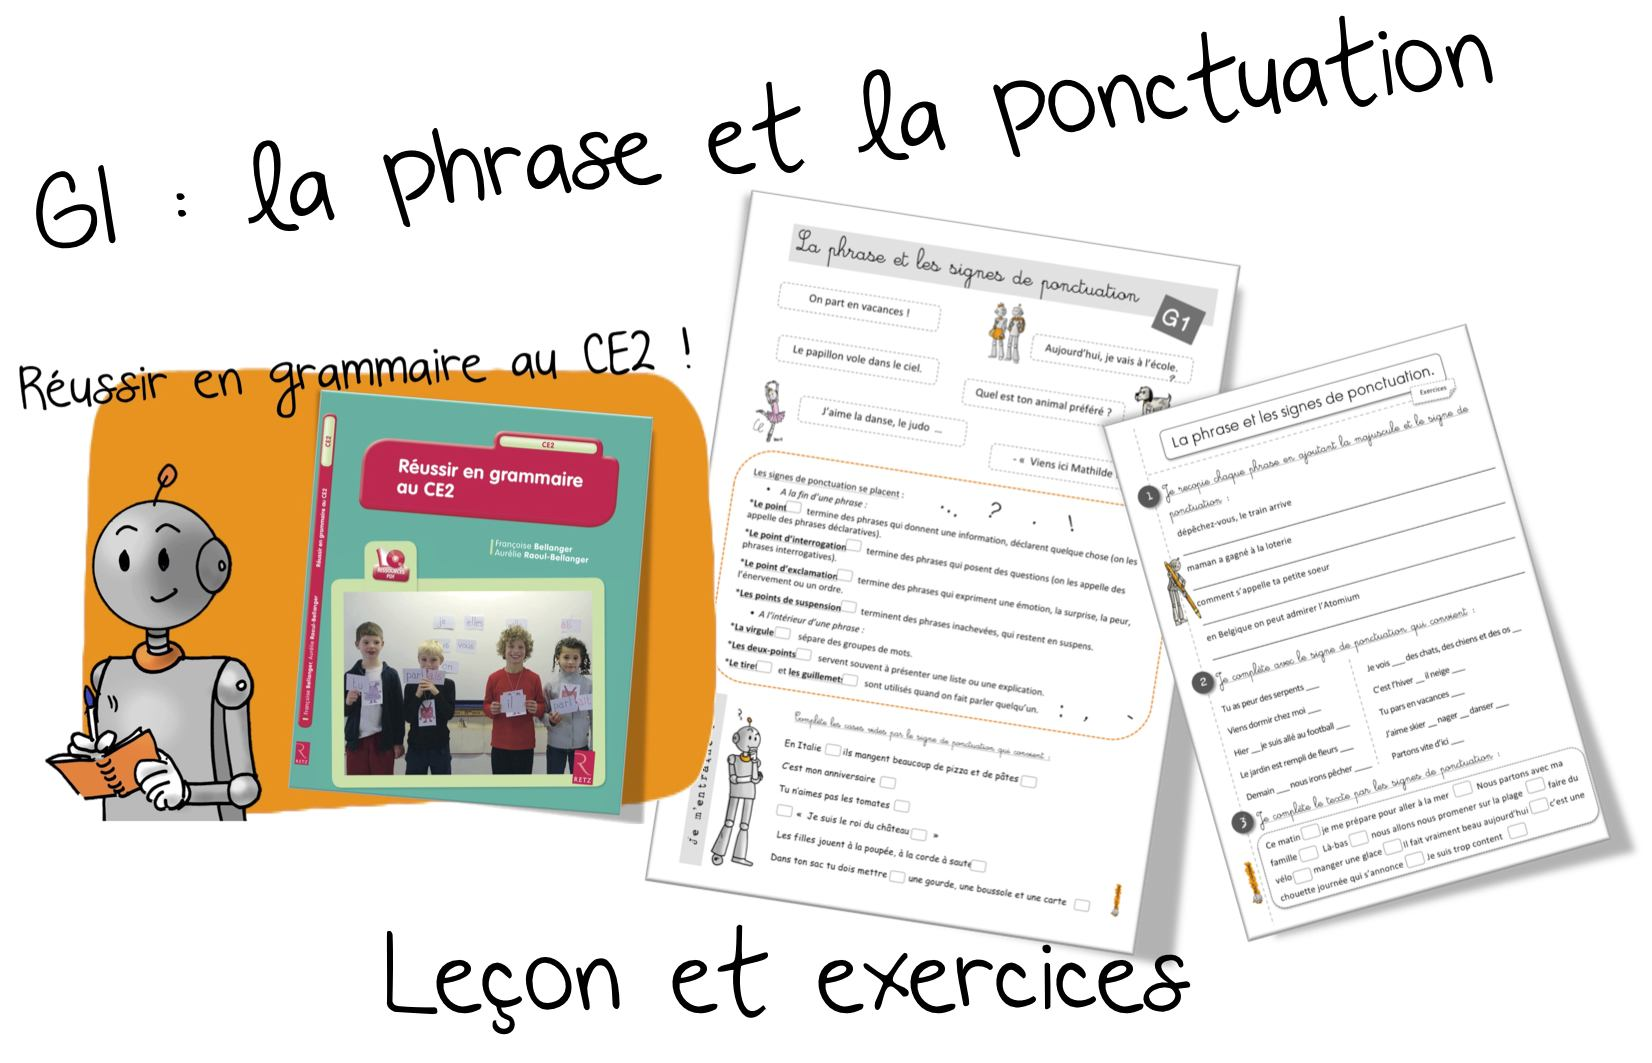 Top Reussir en grammaire au CE2 : G1 la phrase et la ponctuation  TA24